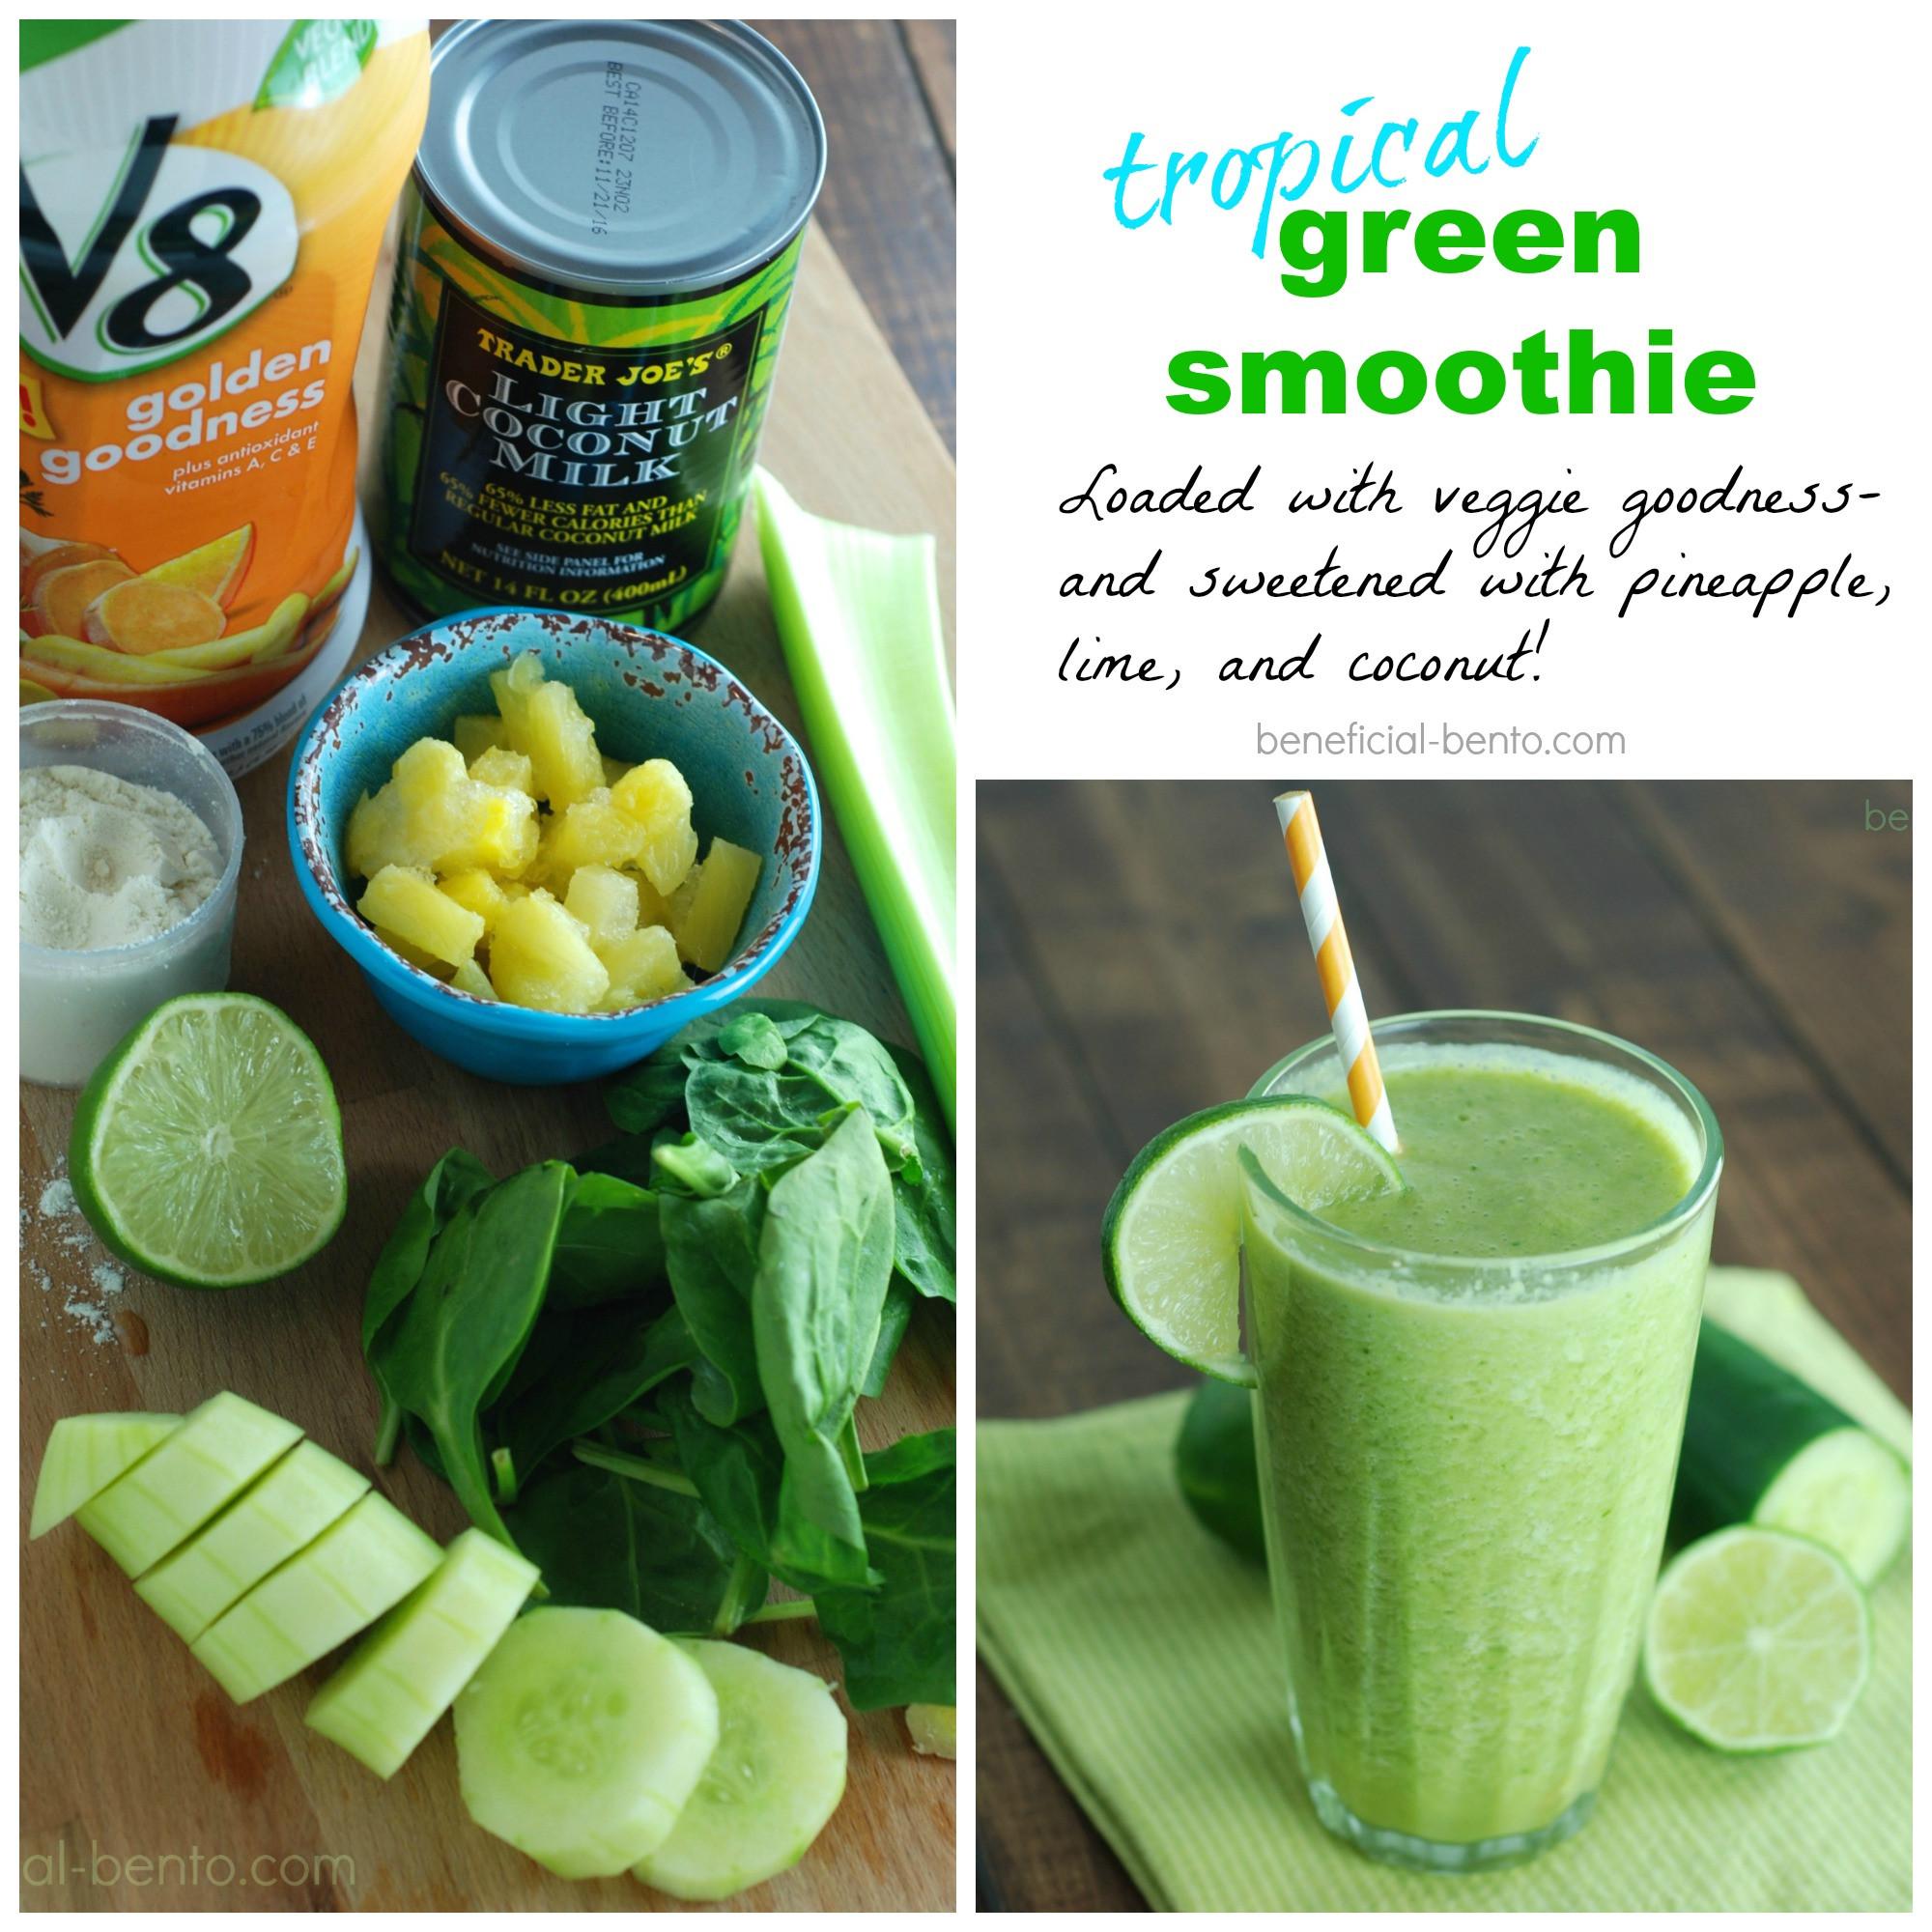 Green Smoothies Recipes  Tropical Green Smoothie Recipe Beneficial Bento